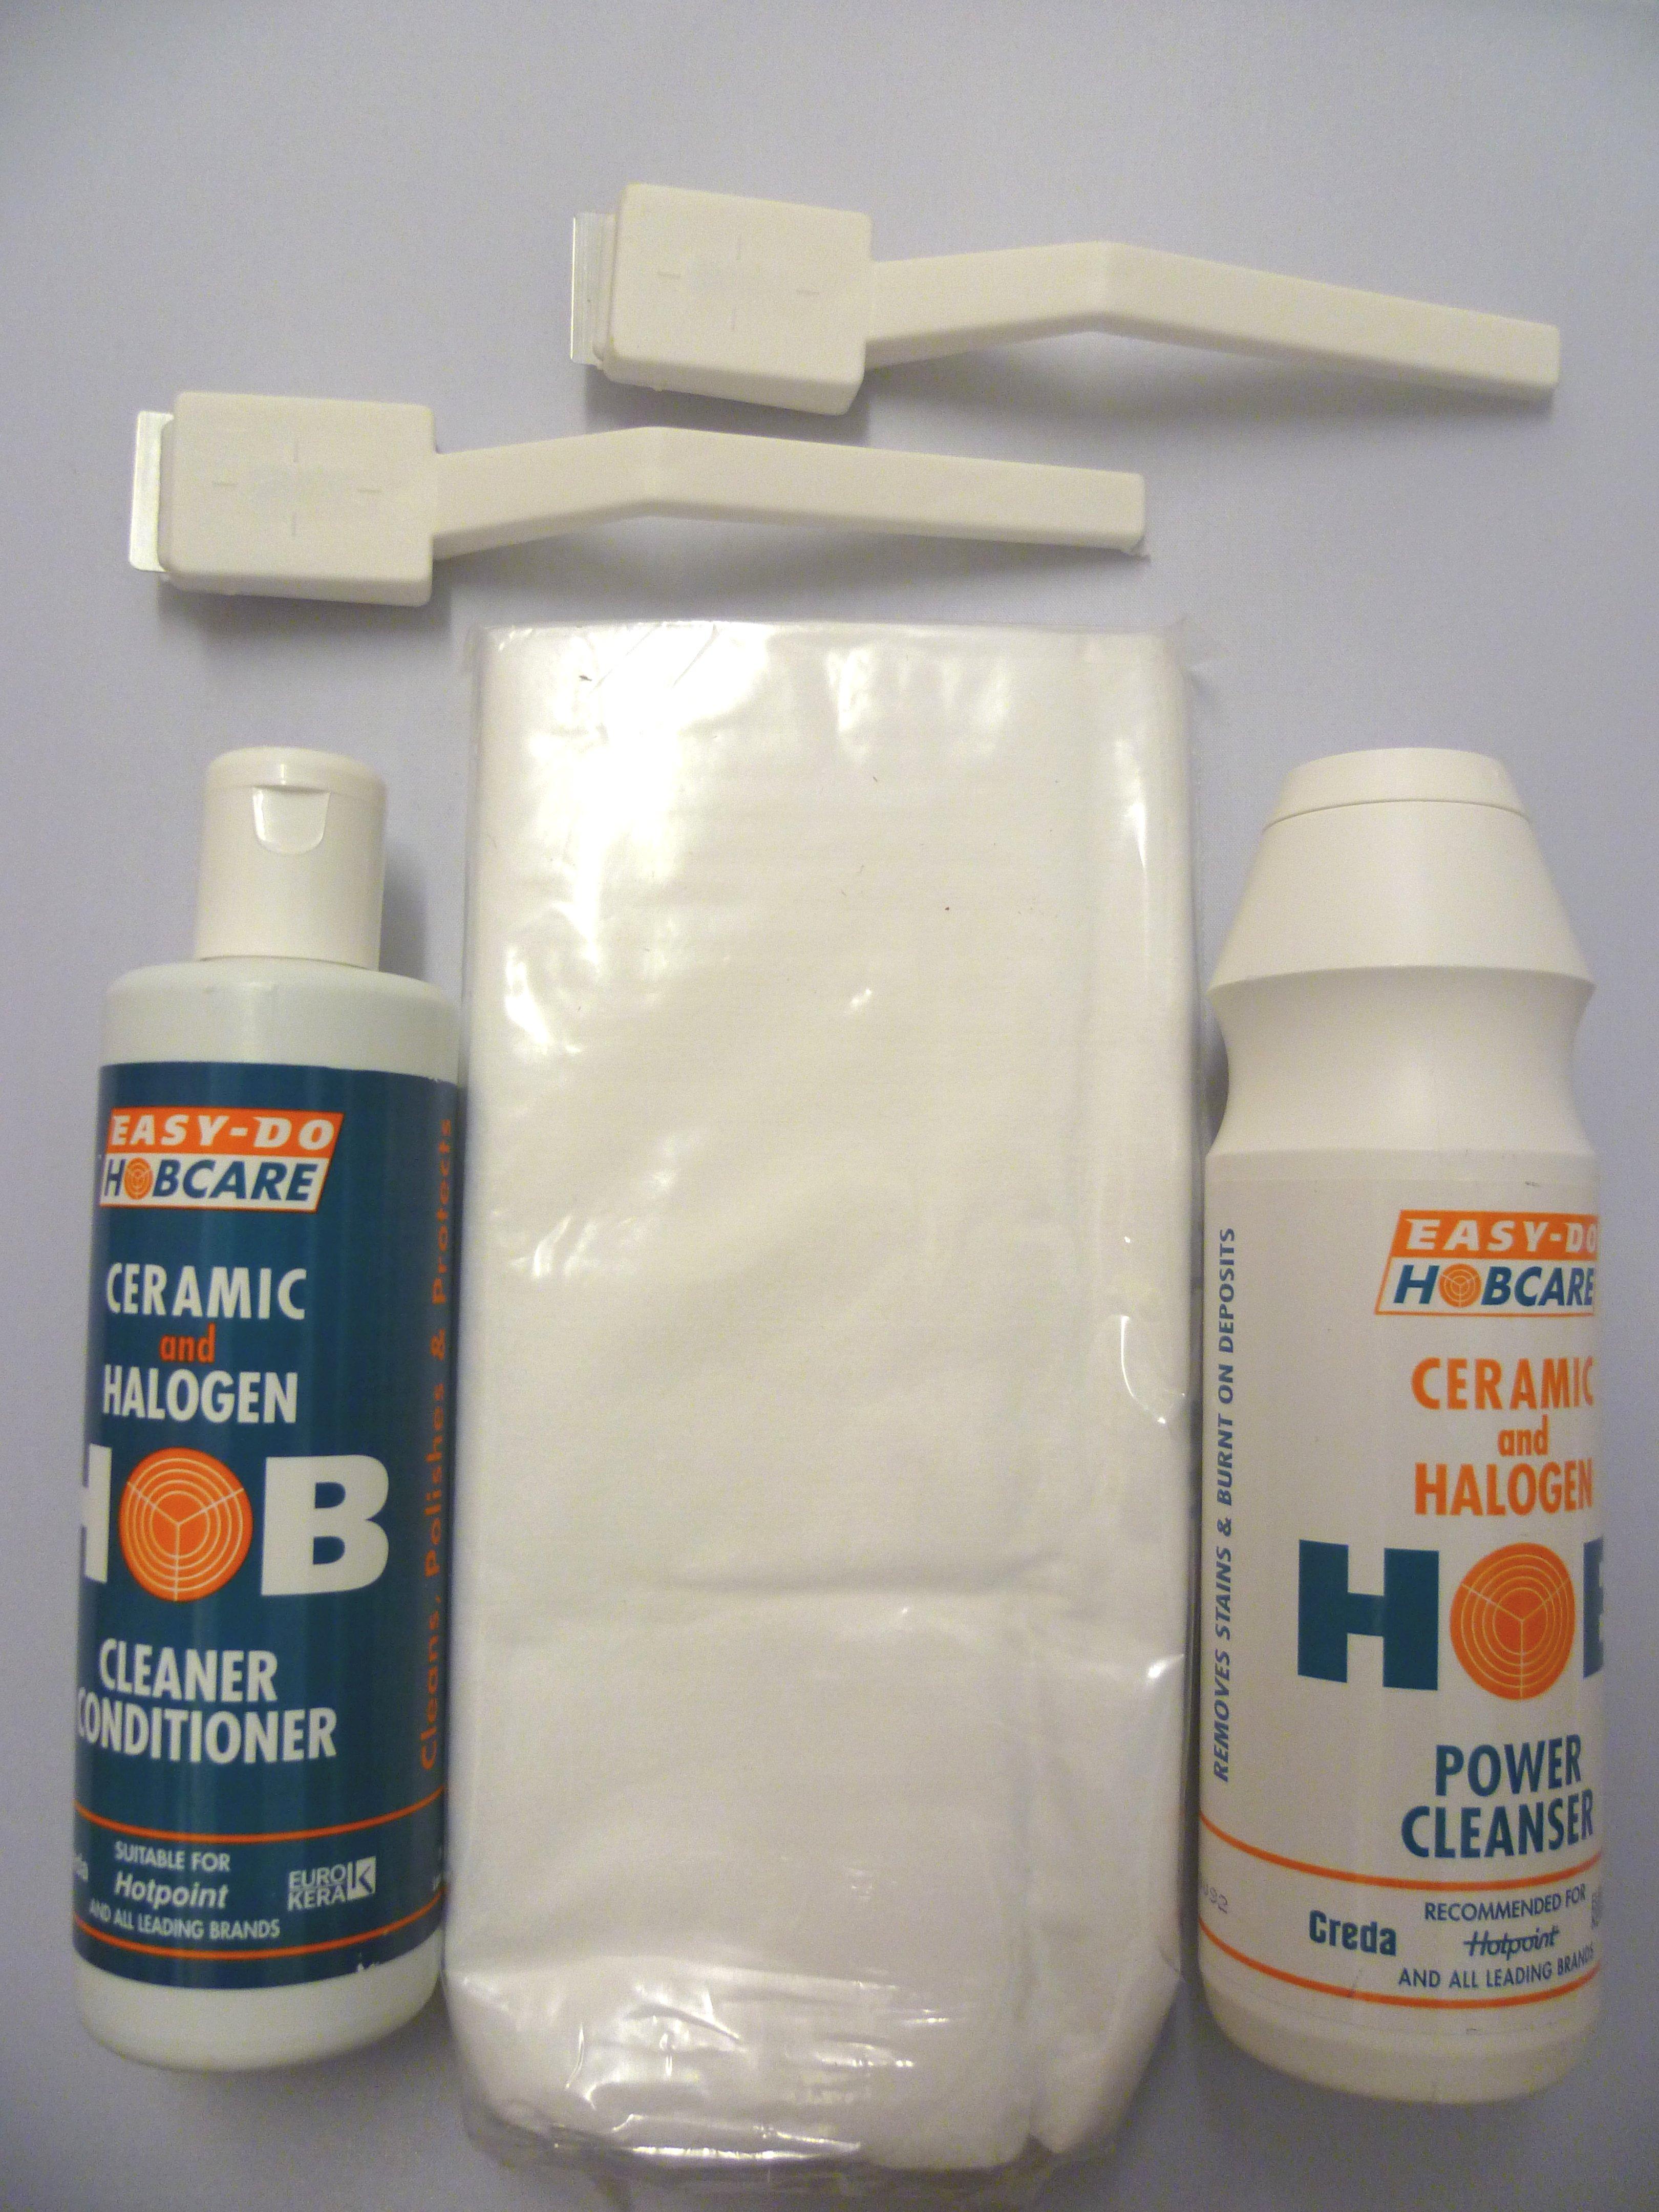 Description of HOBCARE KIT EASY DO